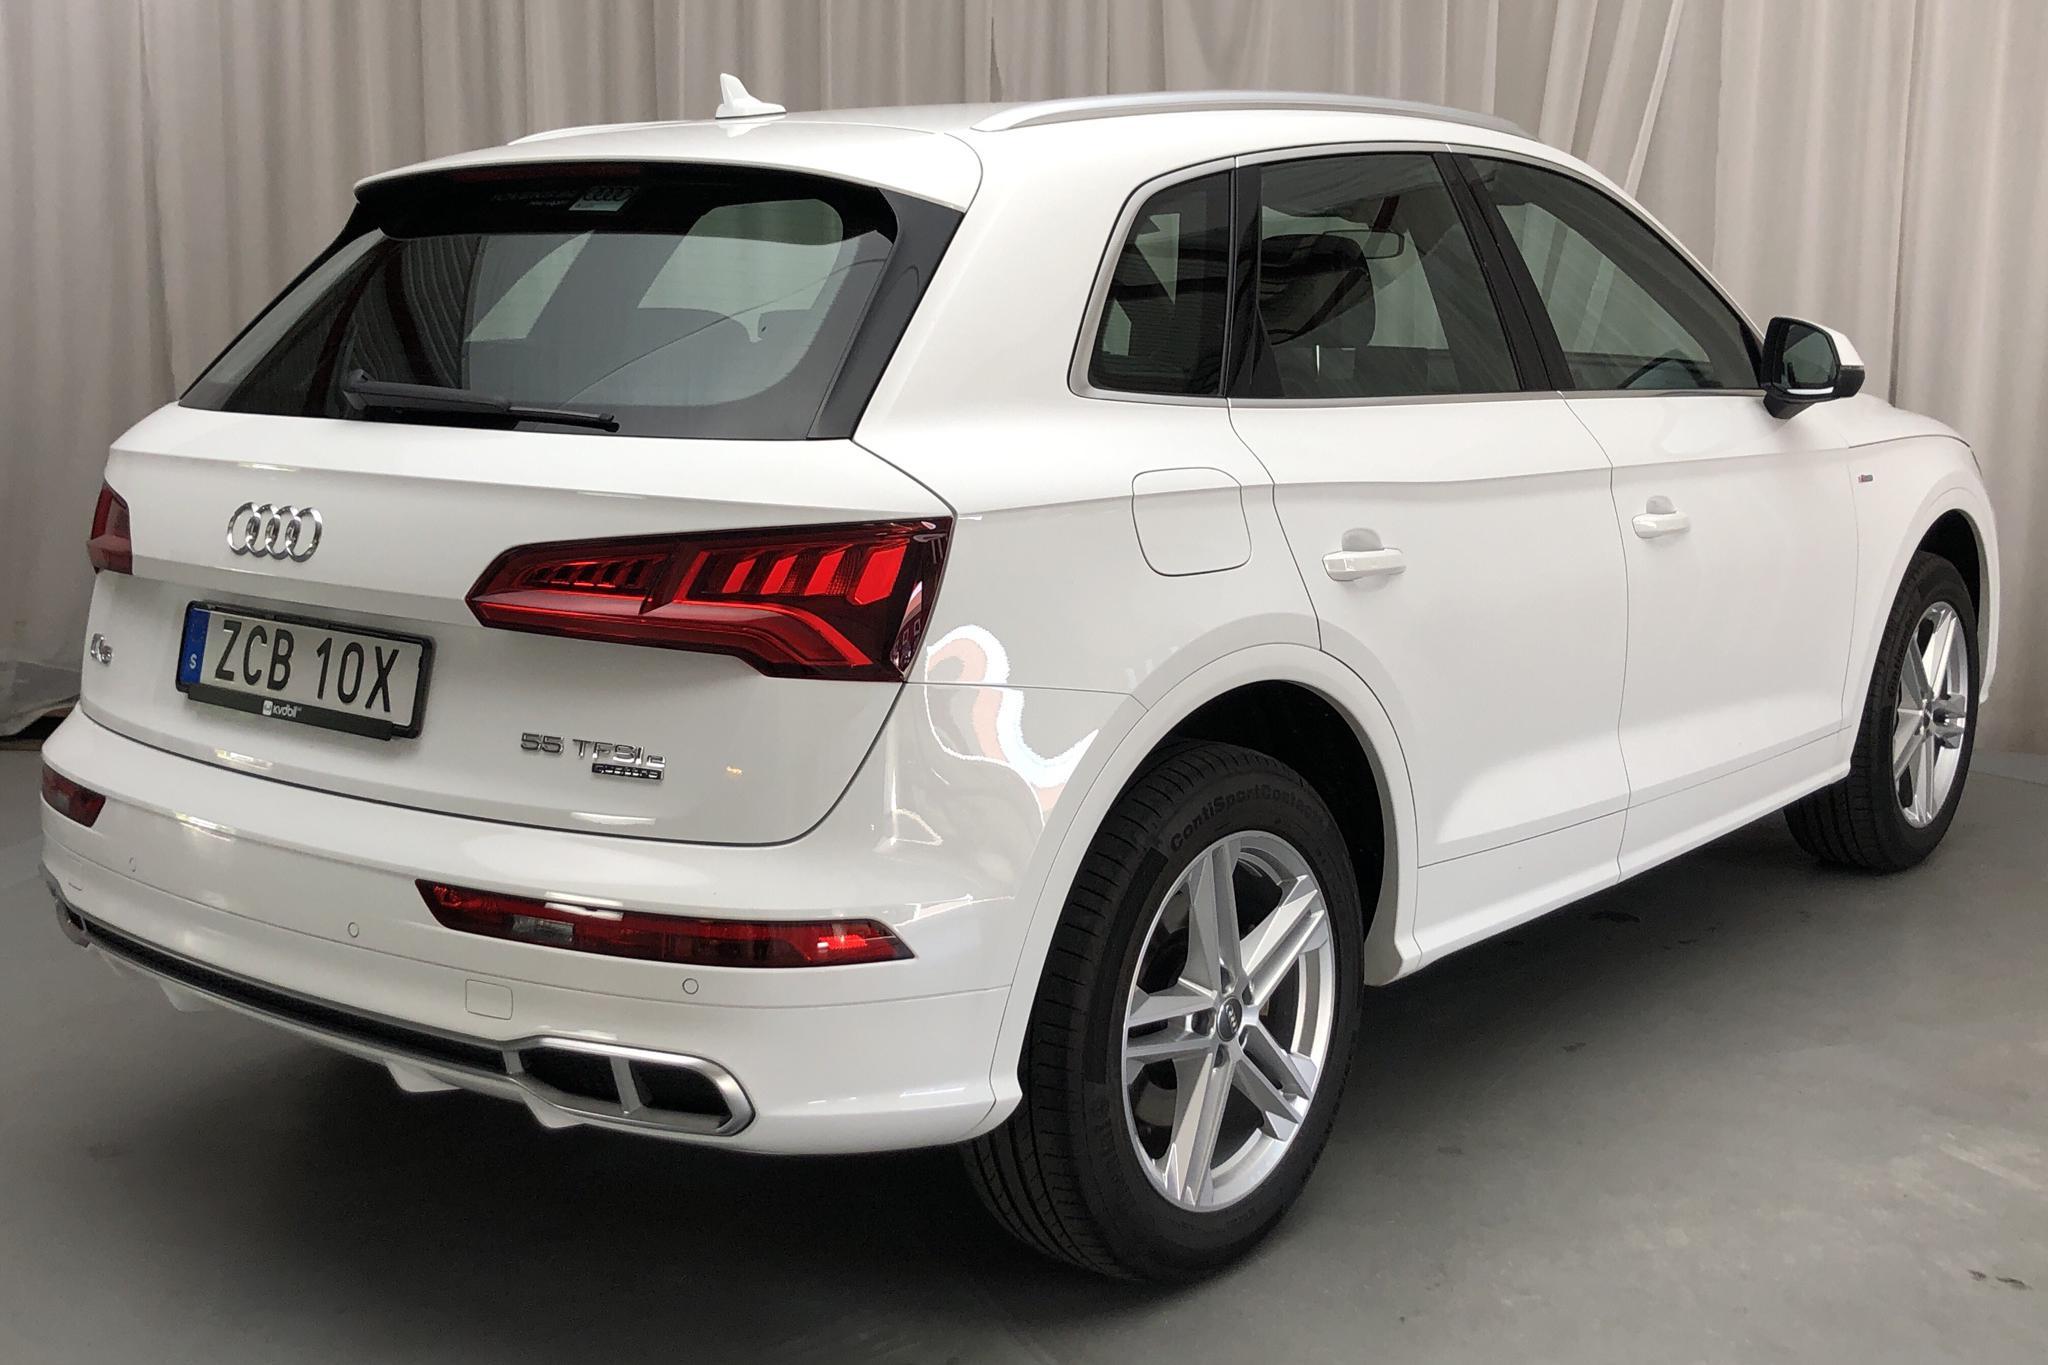 Audi Q5 55 TFSI e quattro (367hk) - 16 750 km - Automatic - white - 2020